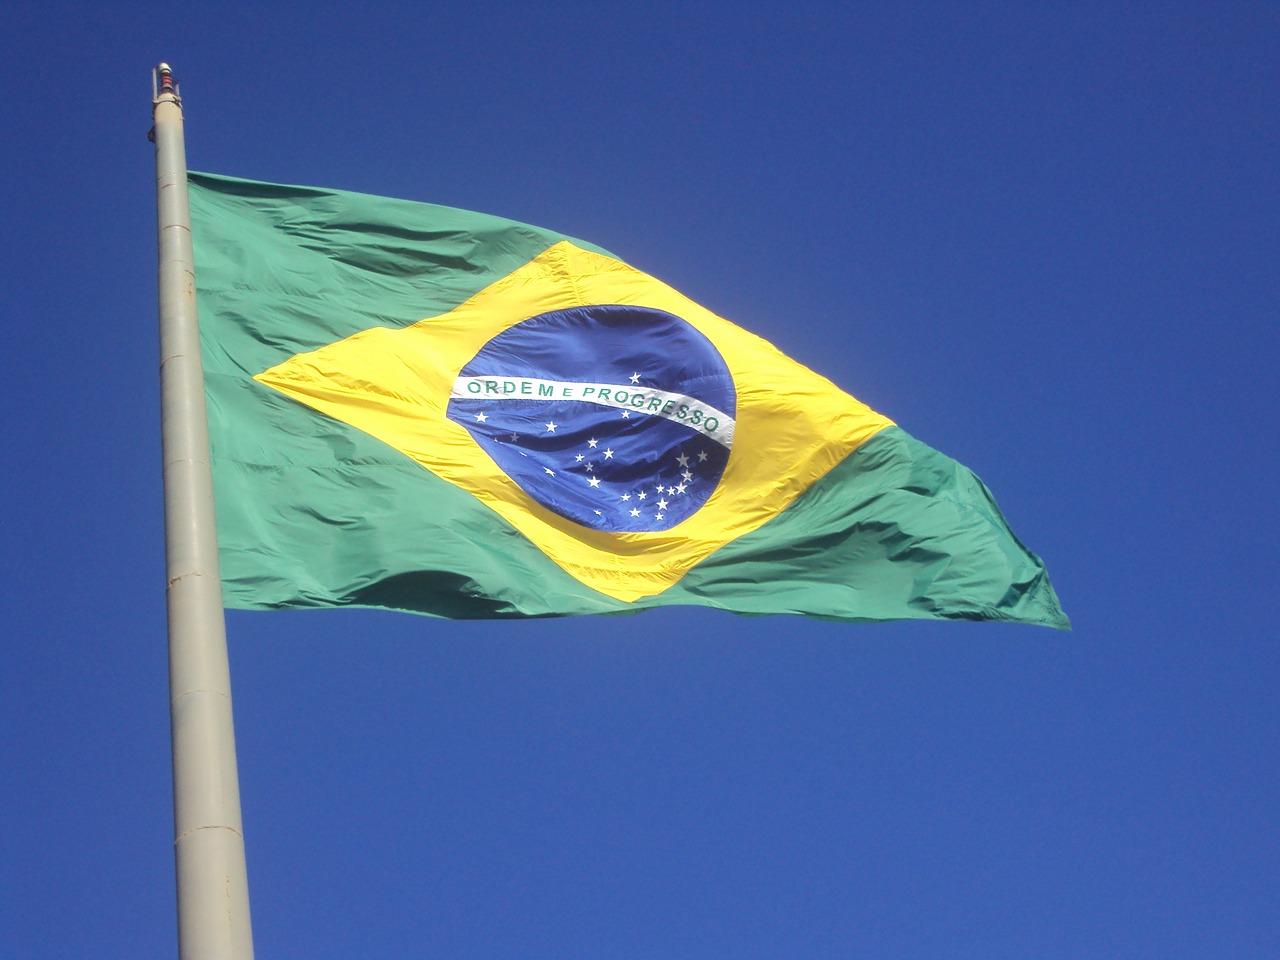 Clique e conheça a história do empreendedorismo no Brasil